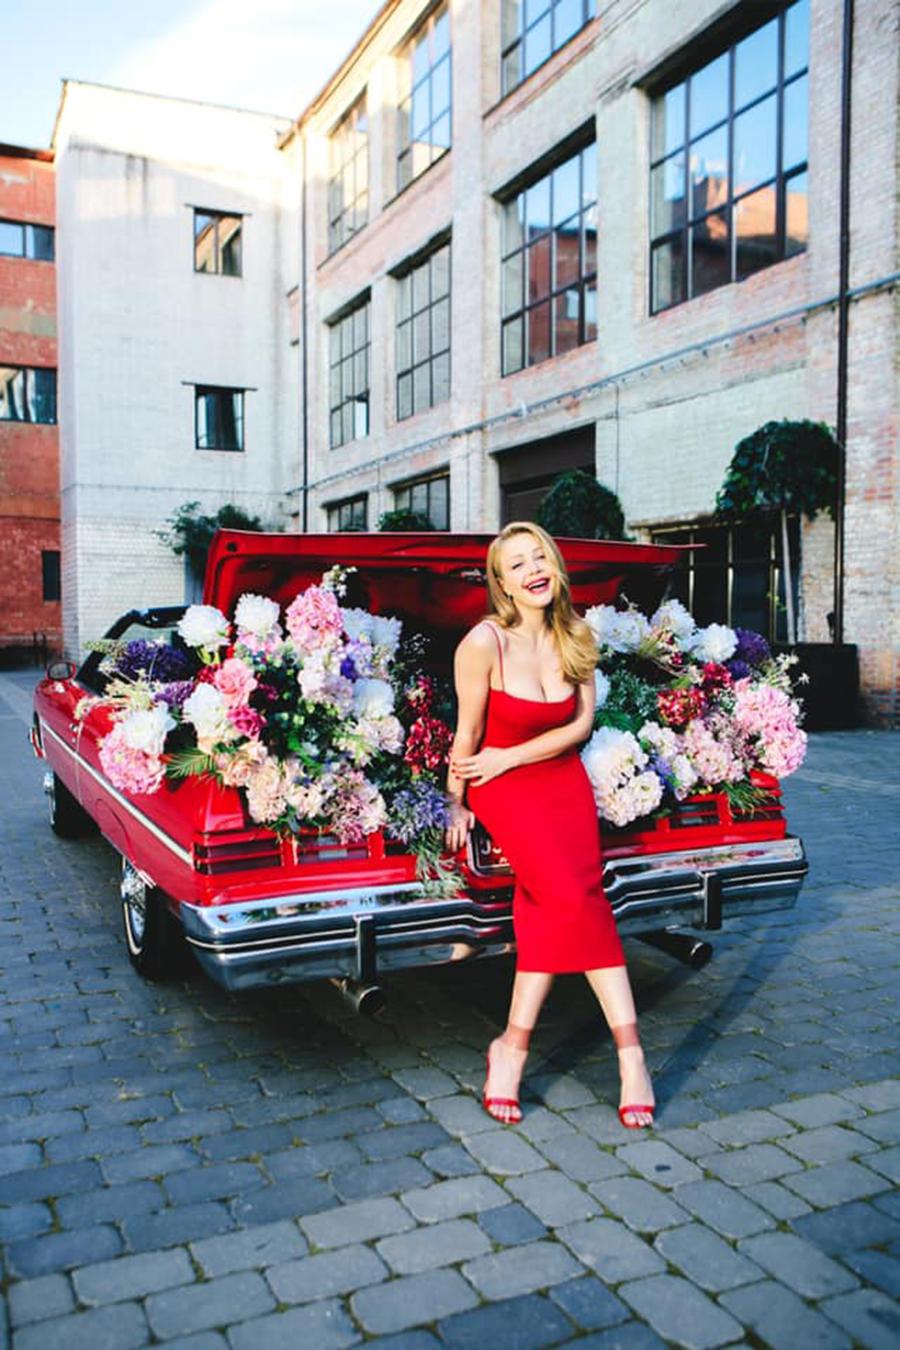 Тина Кароль стильная фотосессия красное платье цветы красная машина